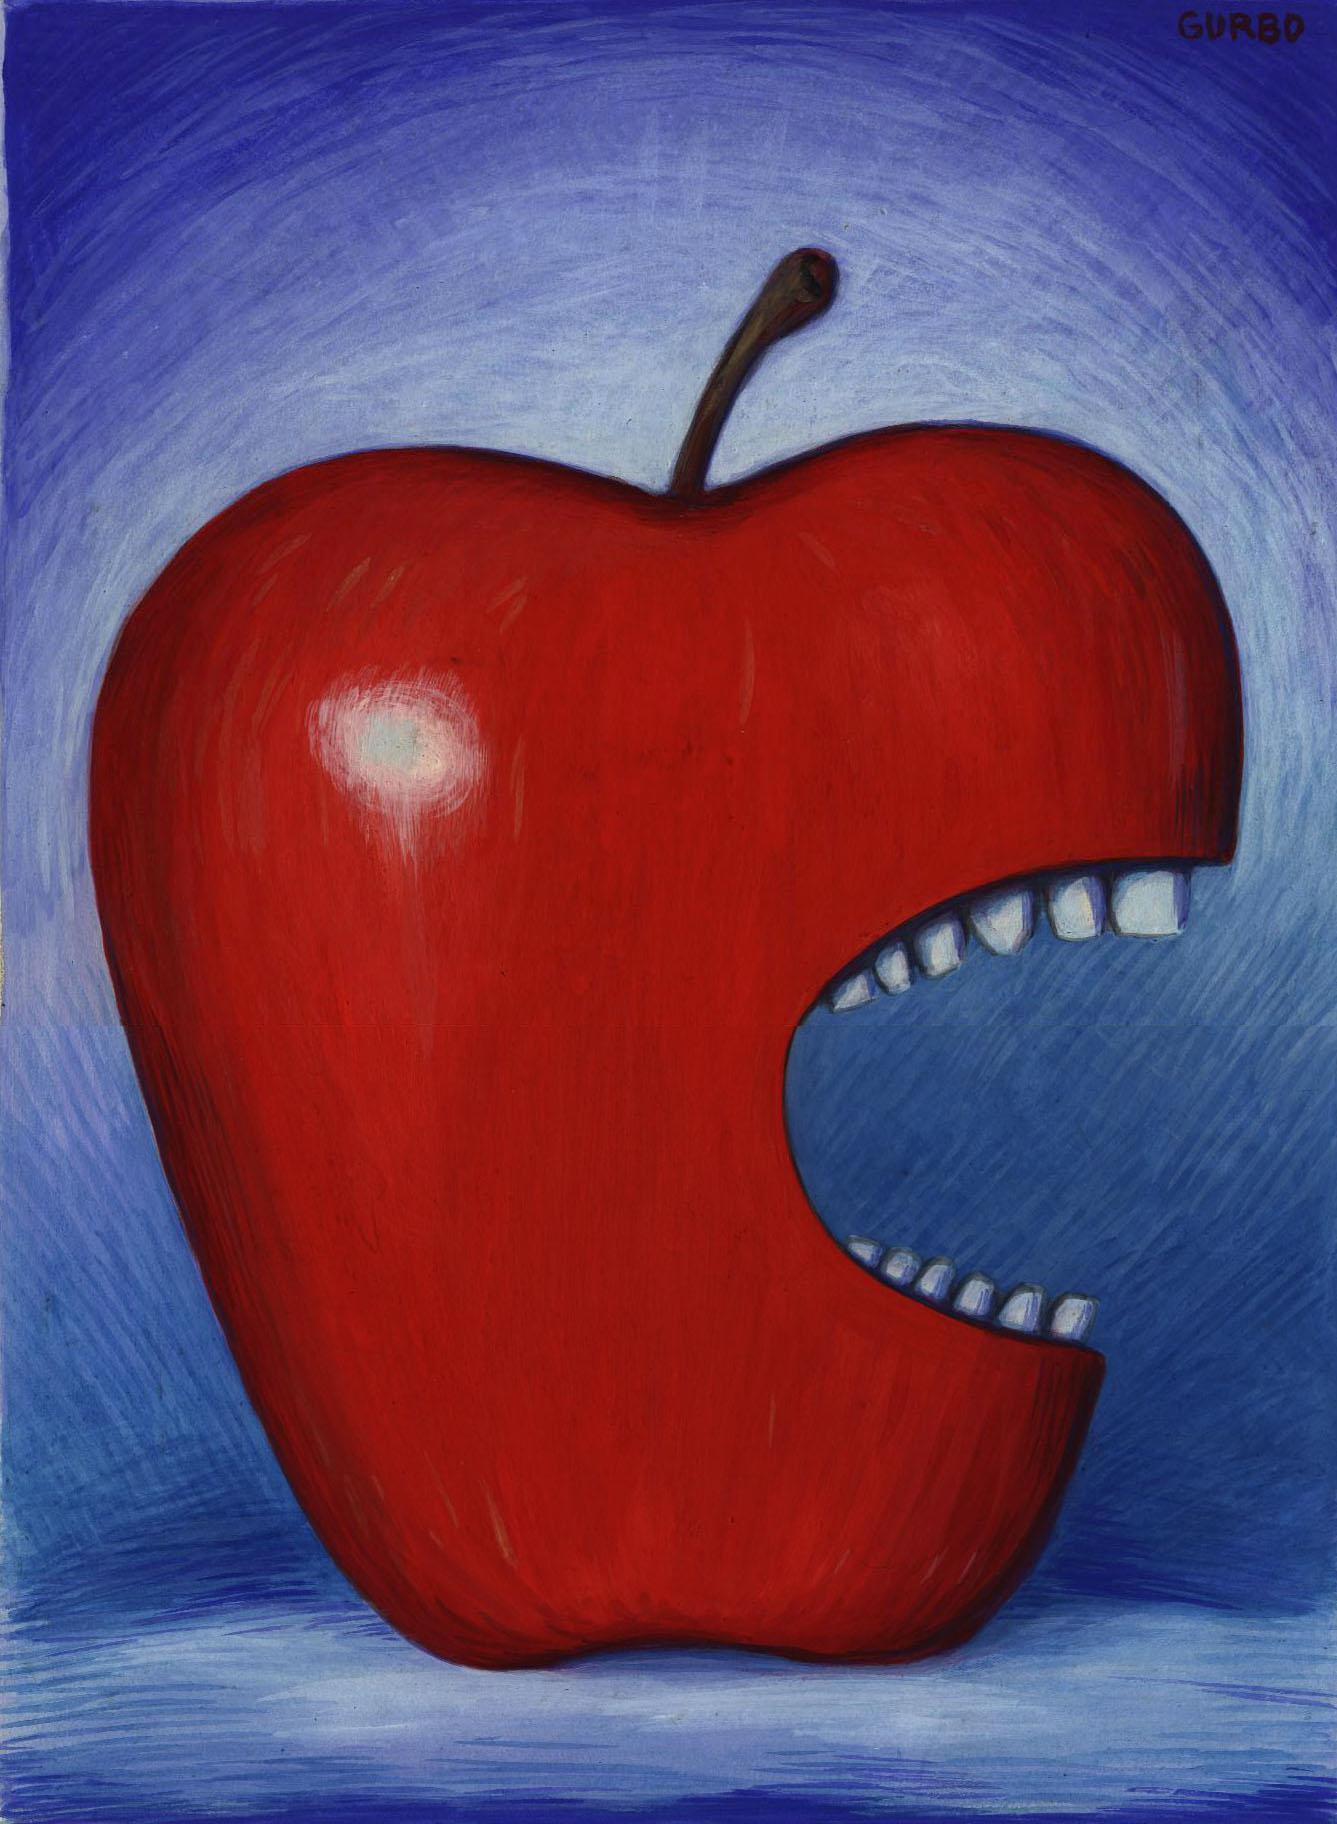 Big Apple Bites Back